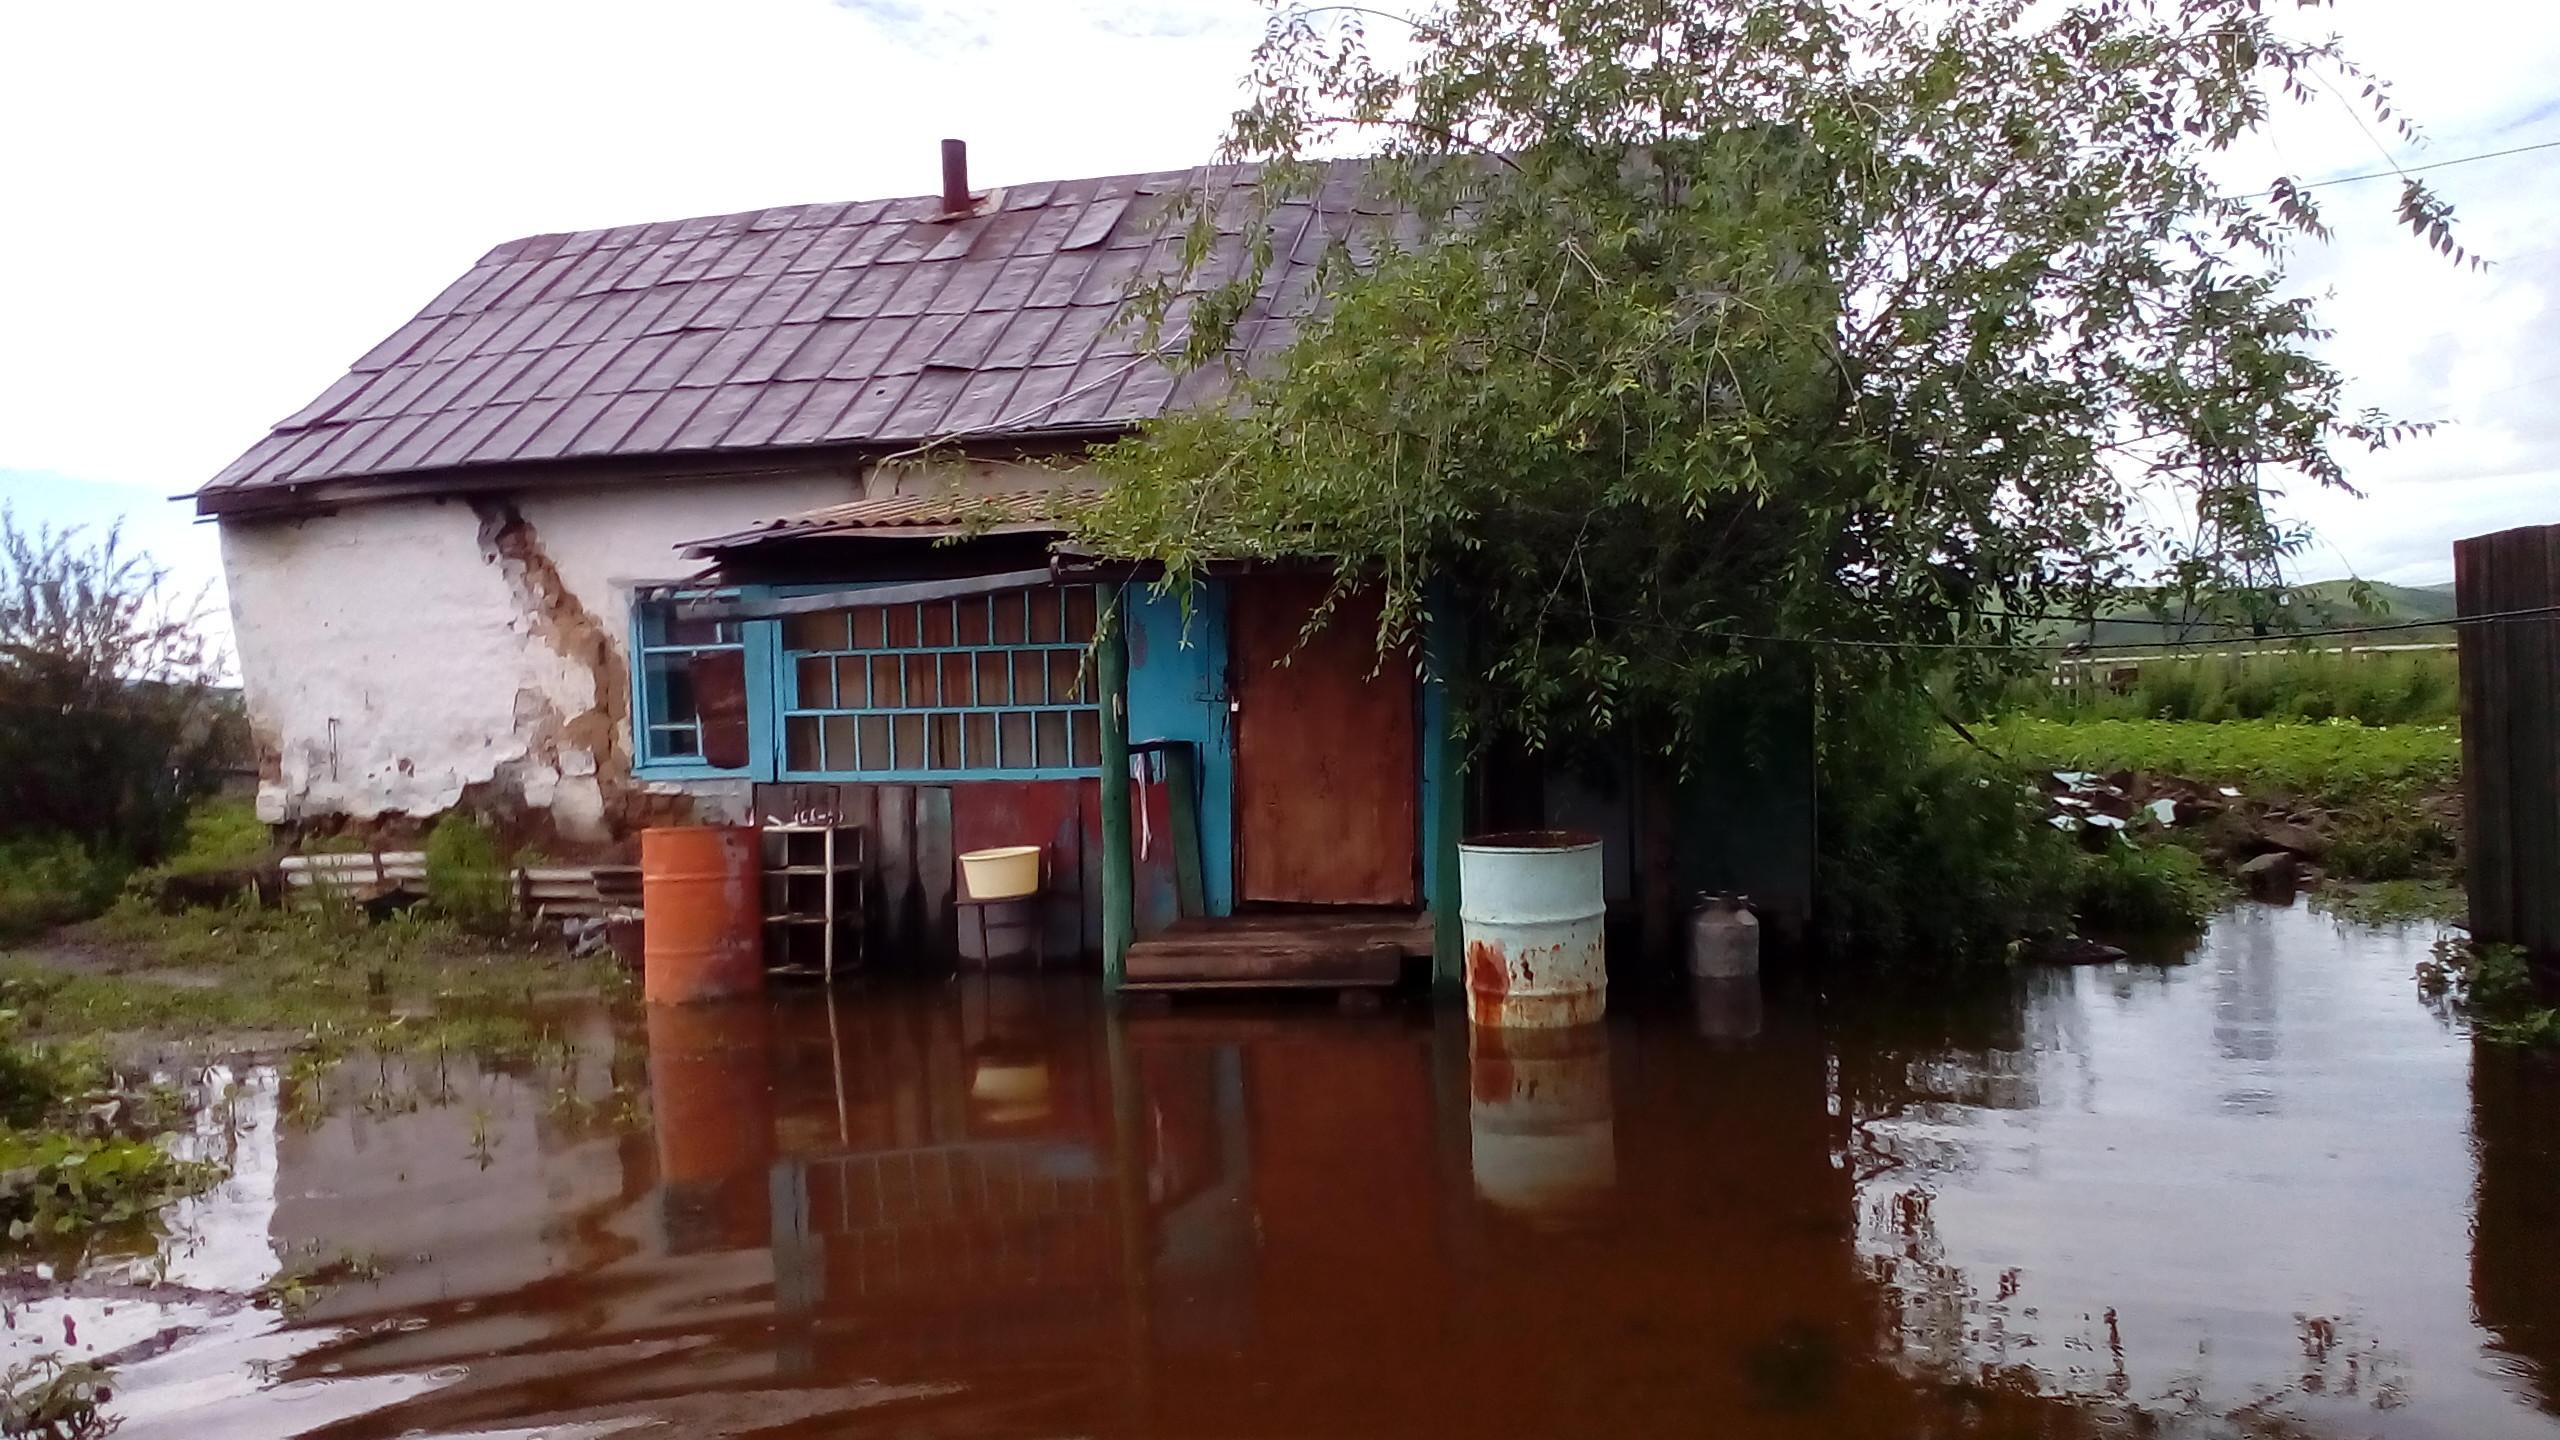 Списки потерявших имущество от потопа в Забайкалье сформированы на 80%